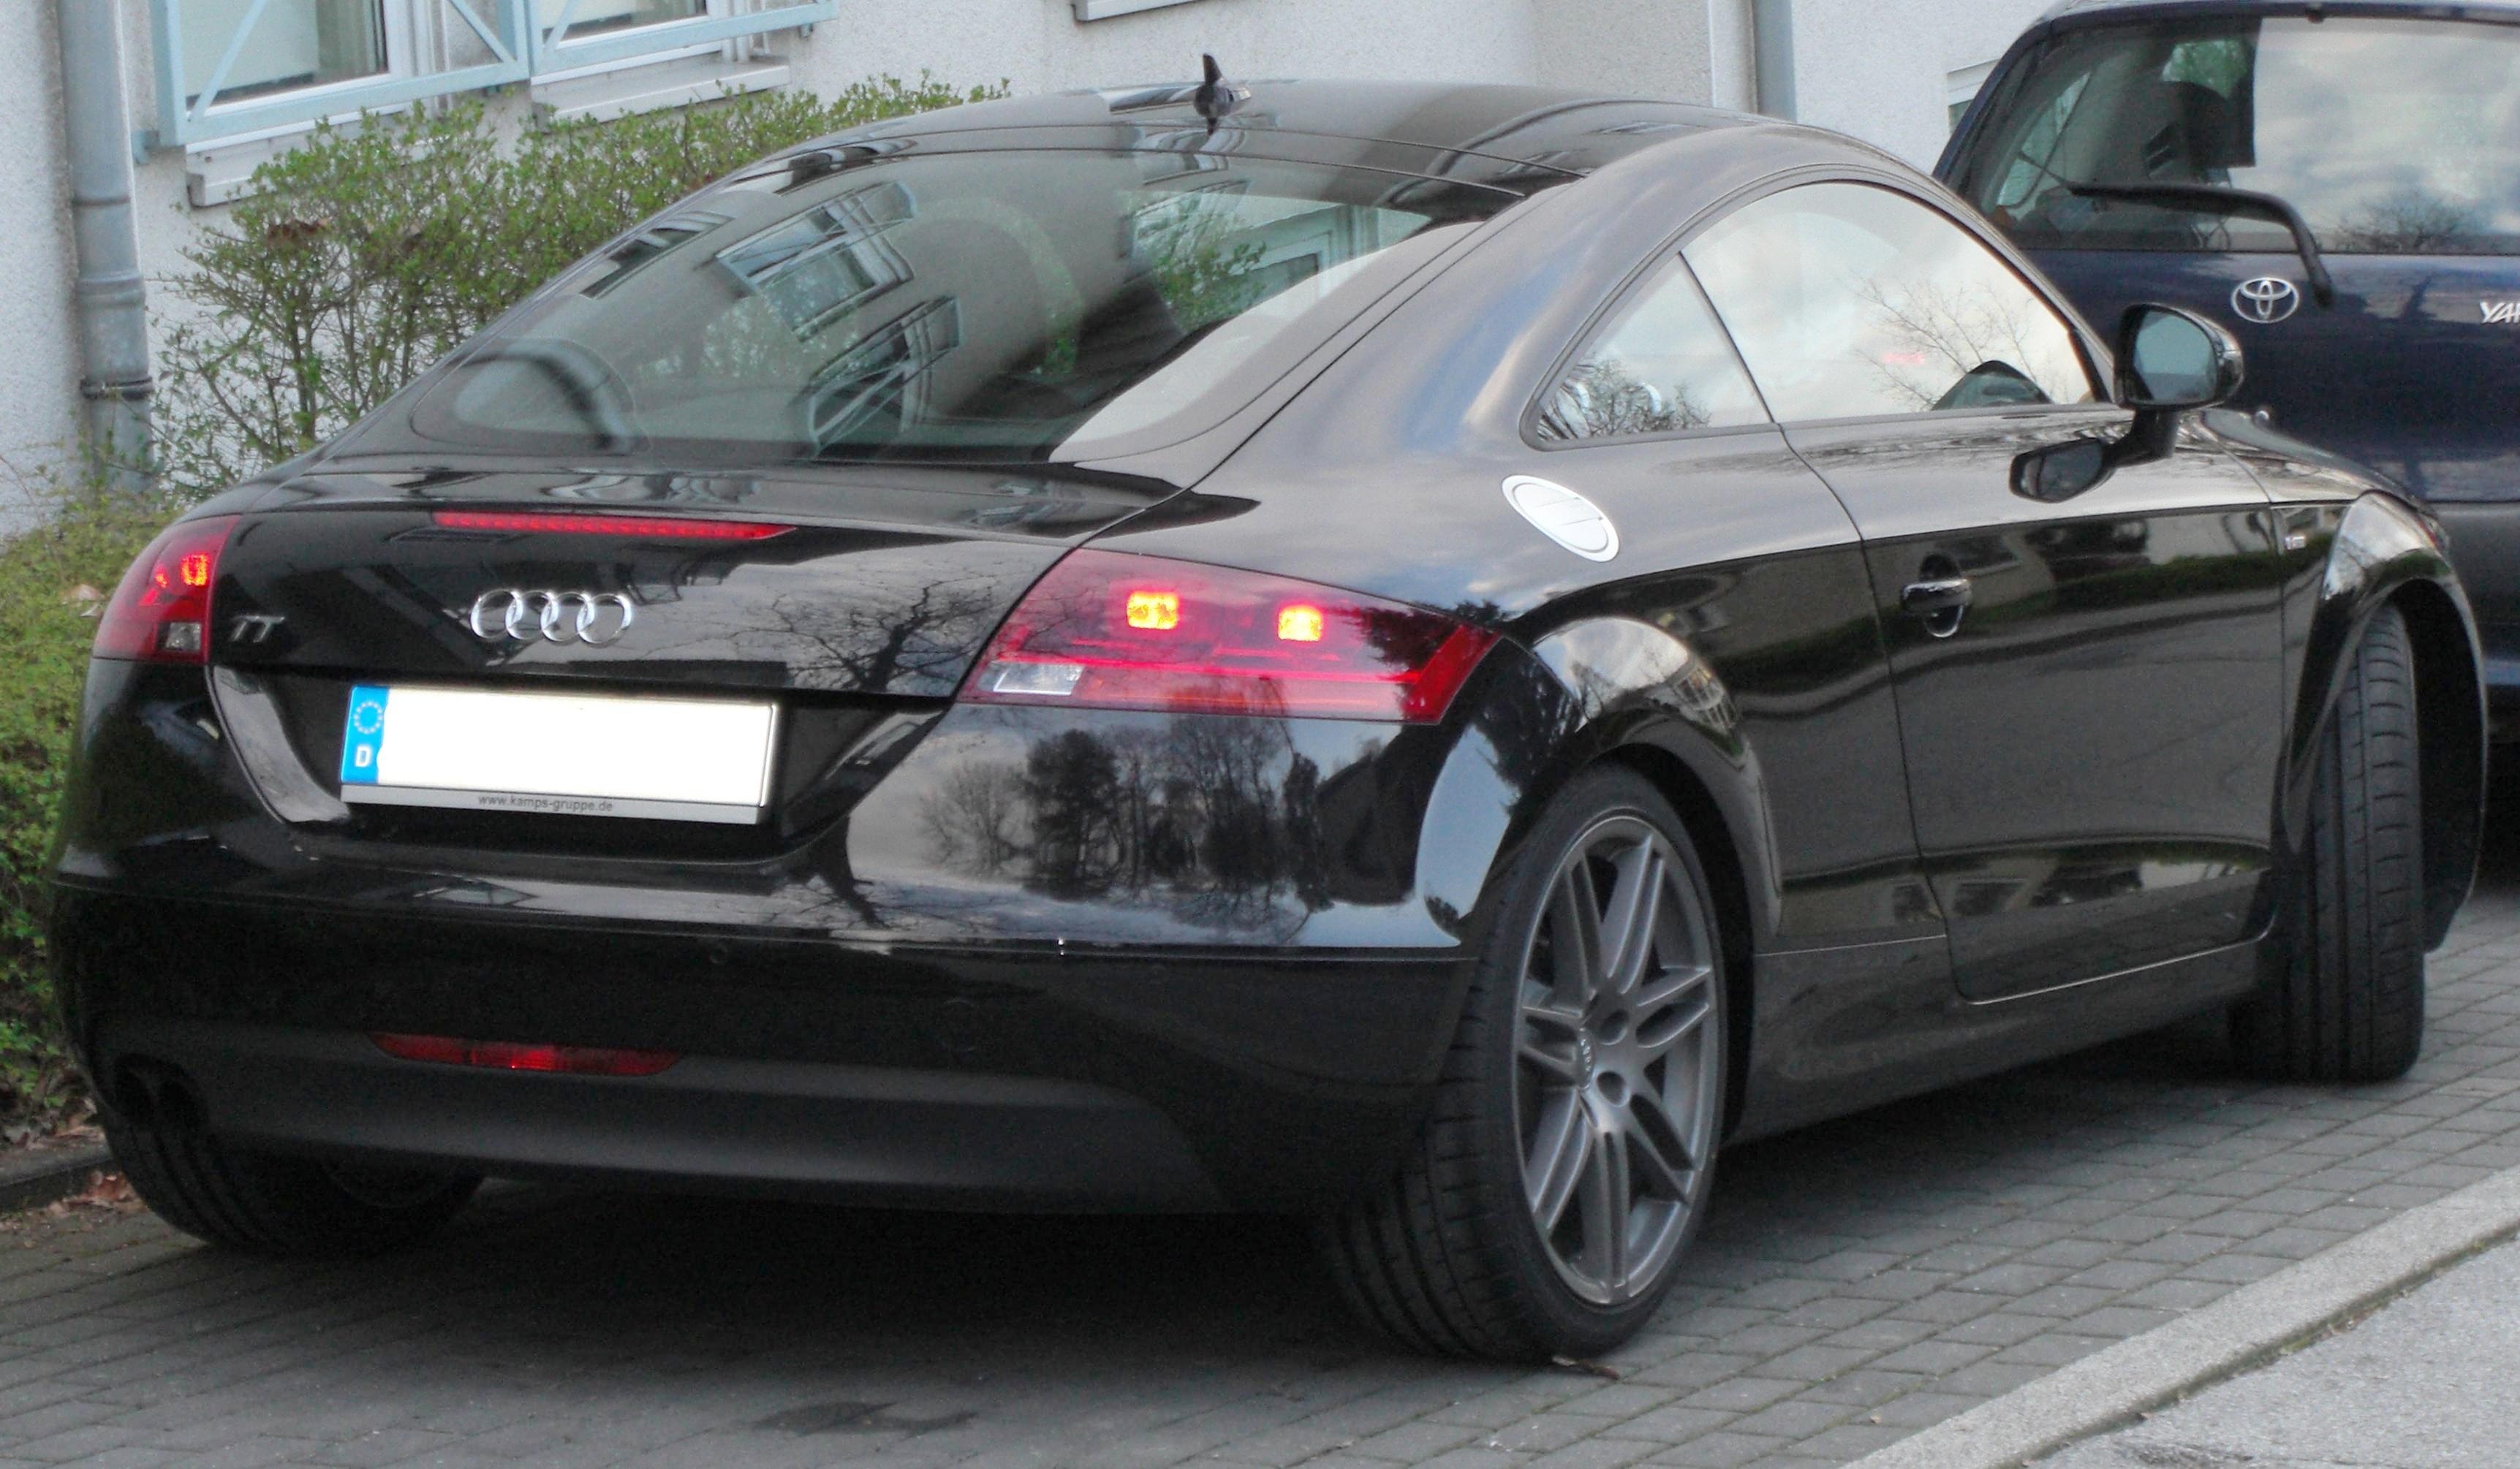 Audi TTS II (8J) 2008 - 2010 Coupe #2